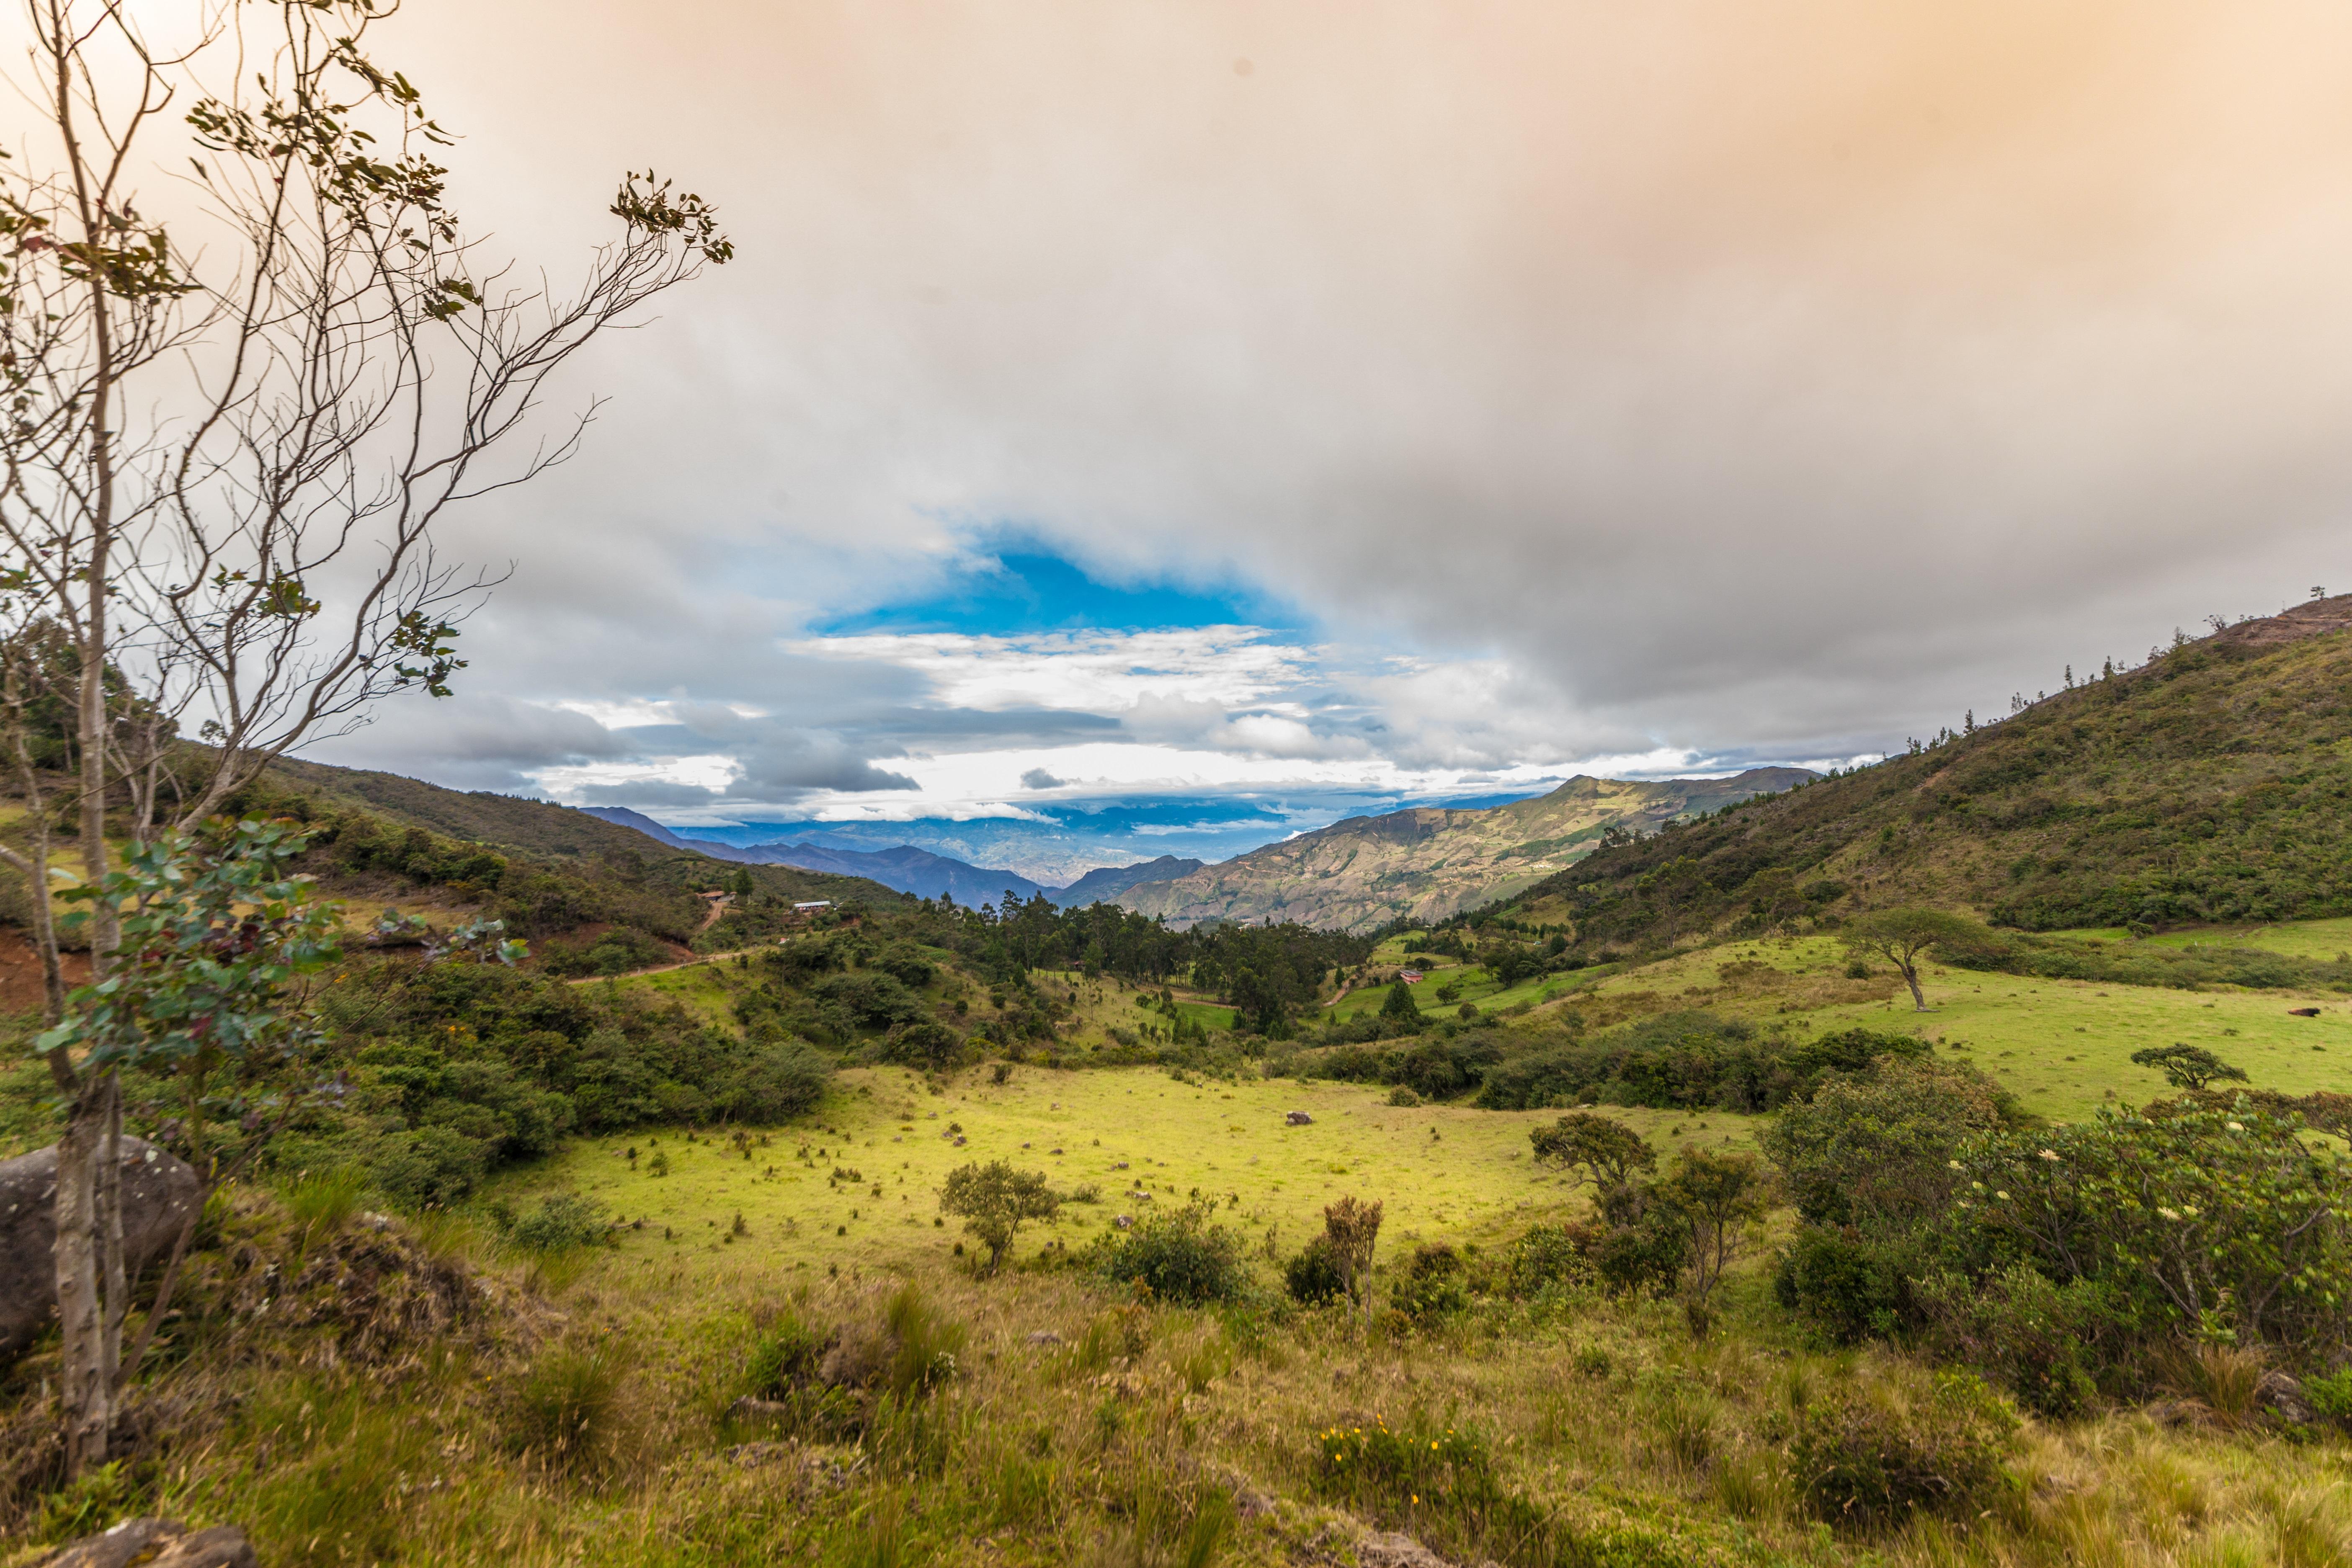 Cerro_Arcos_Saraguro 01.jpg